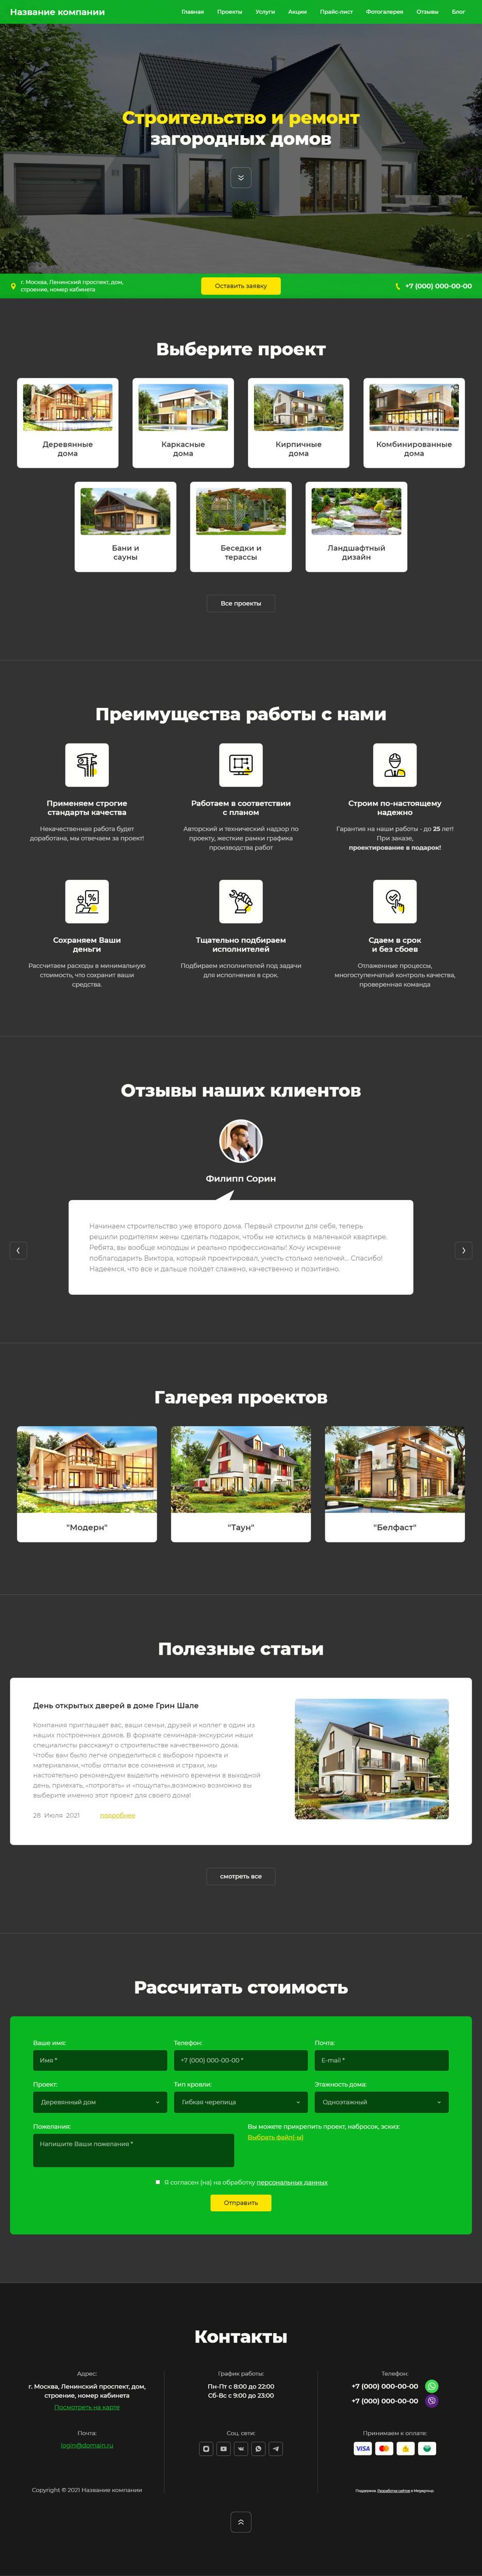 Готовый Сайт-Бизнес № 3304639 - Загородное строительство (Главная)